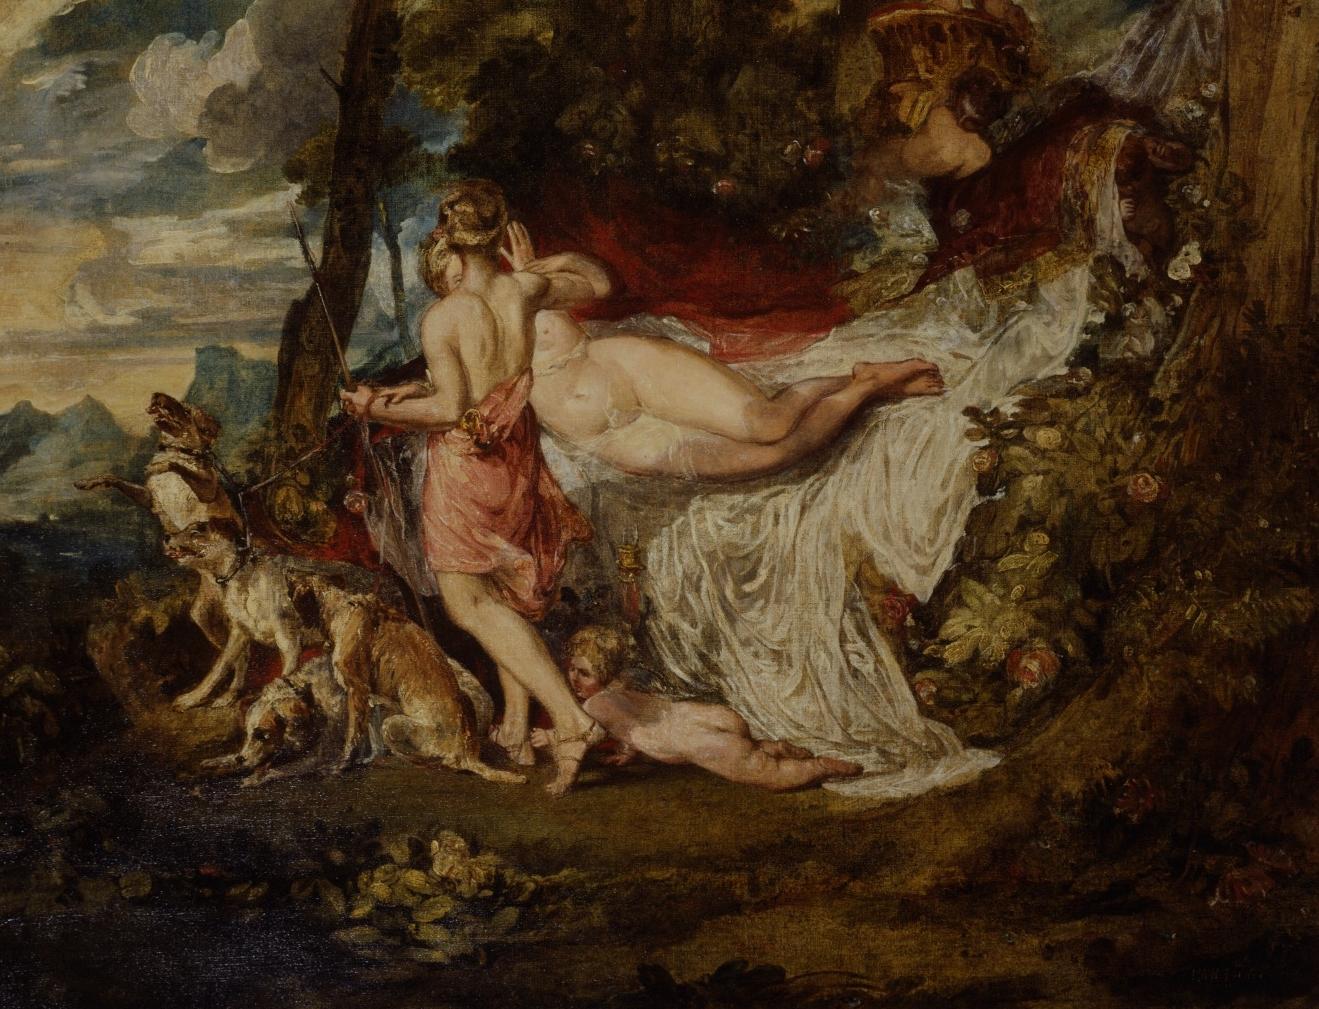 Turner_Venus and Adonis.jpeg